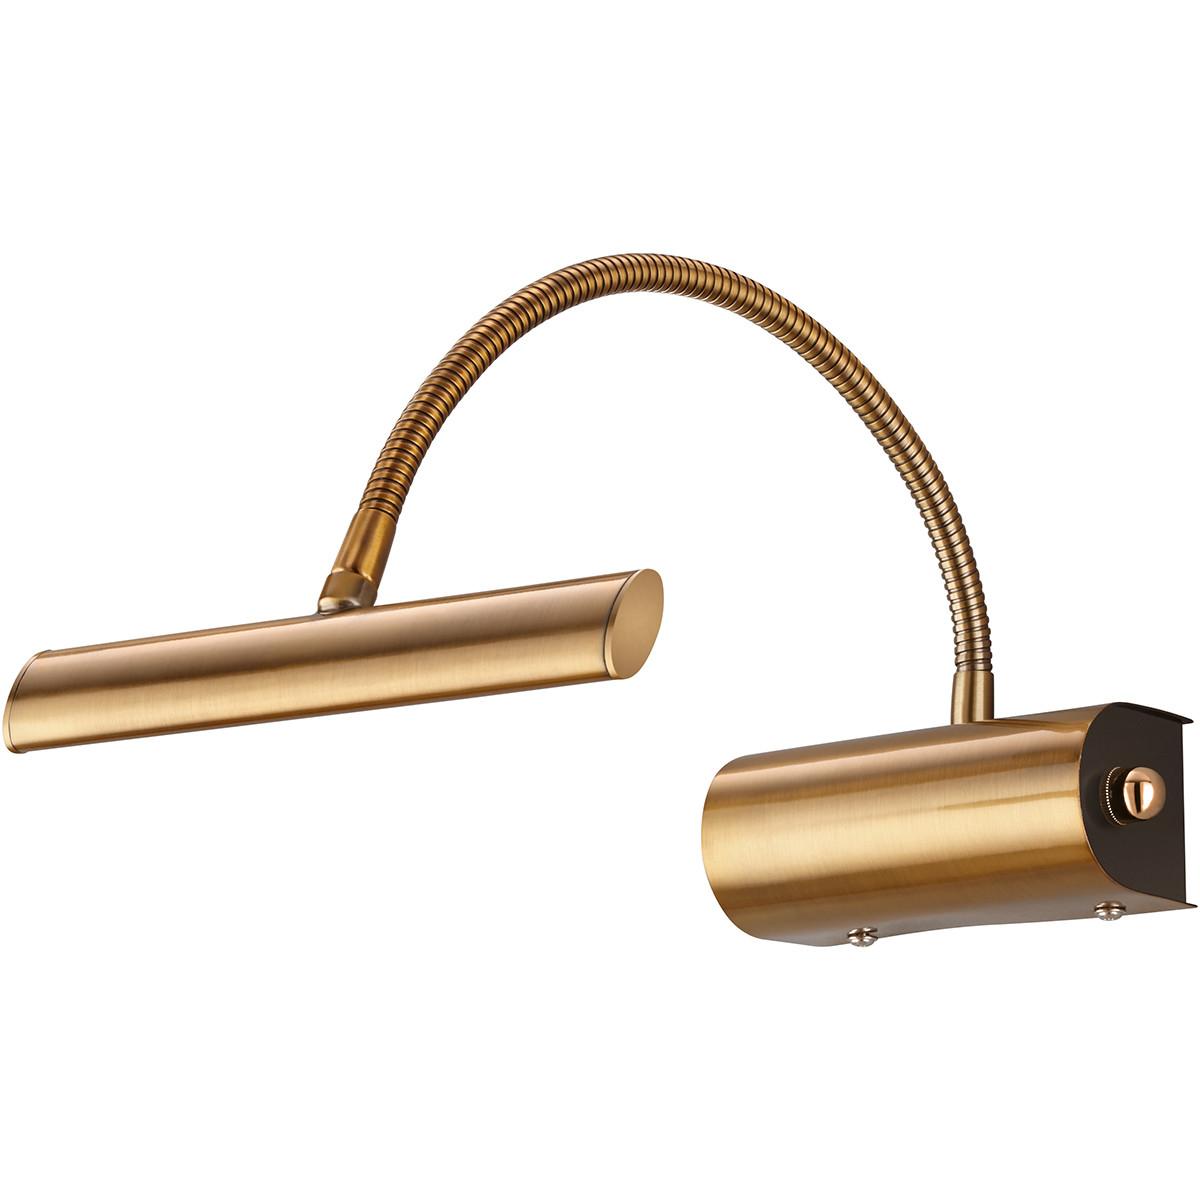 LED Spiegelverlichting - Schilderijverlichting - Trion Curty - Ovaal 4W - Dimbaar - Mat Brons Alumin